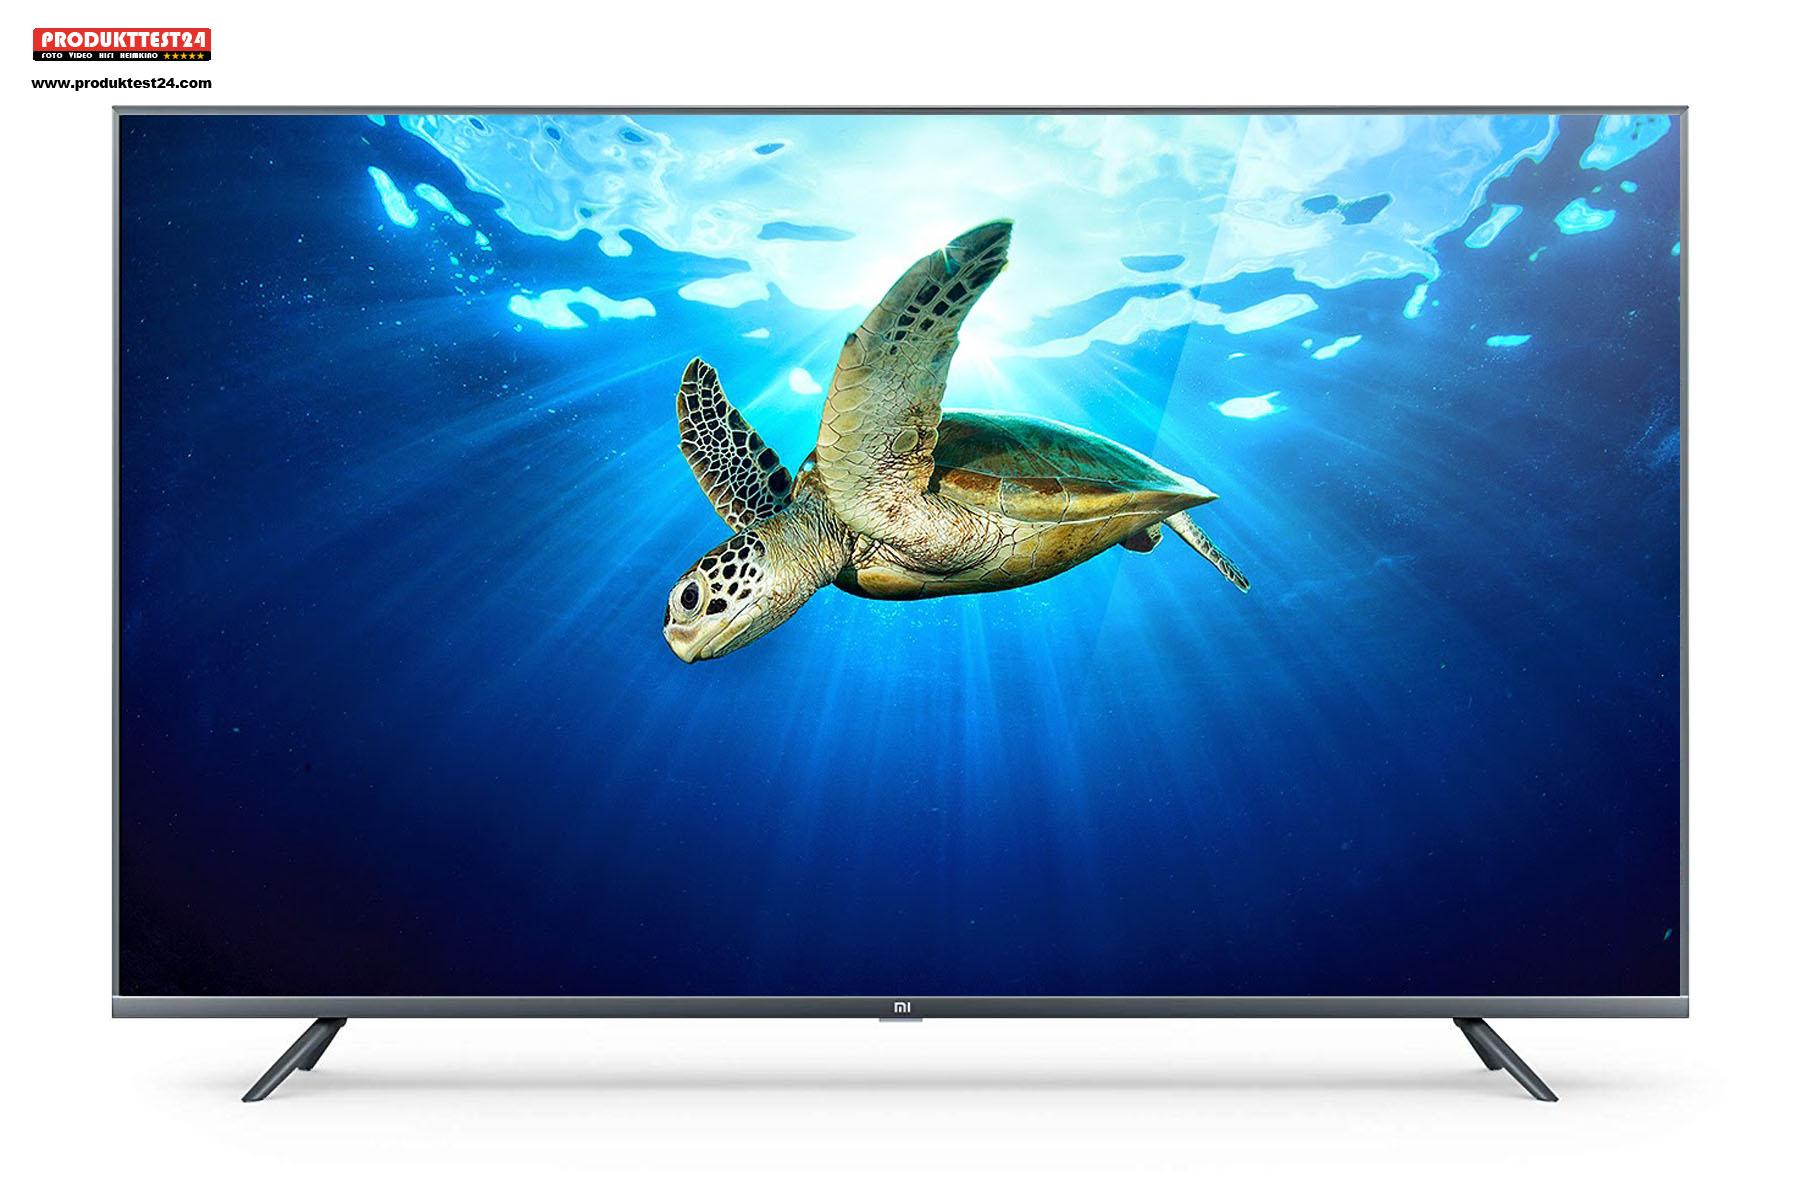 Der China Fernseher mit einem 43 Zoll IPS Display, Android.TV mit Sprachsteuerung und Triple Tuner